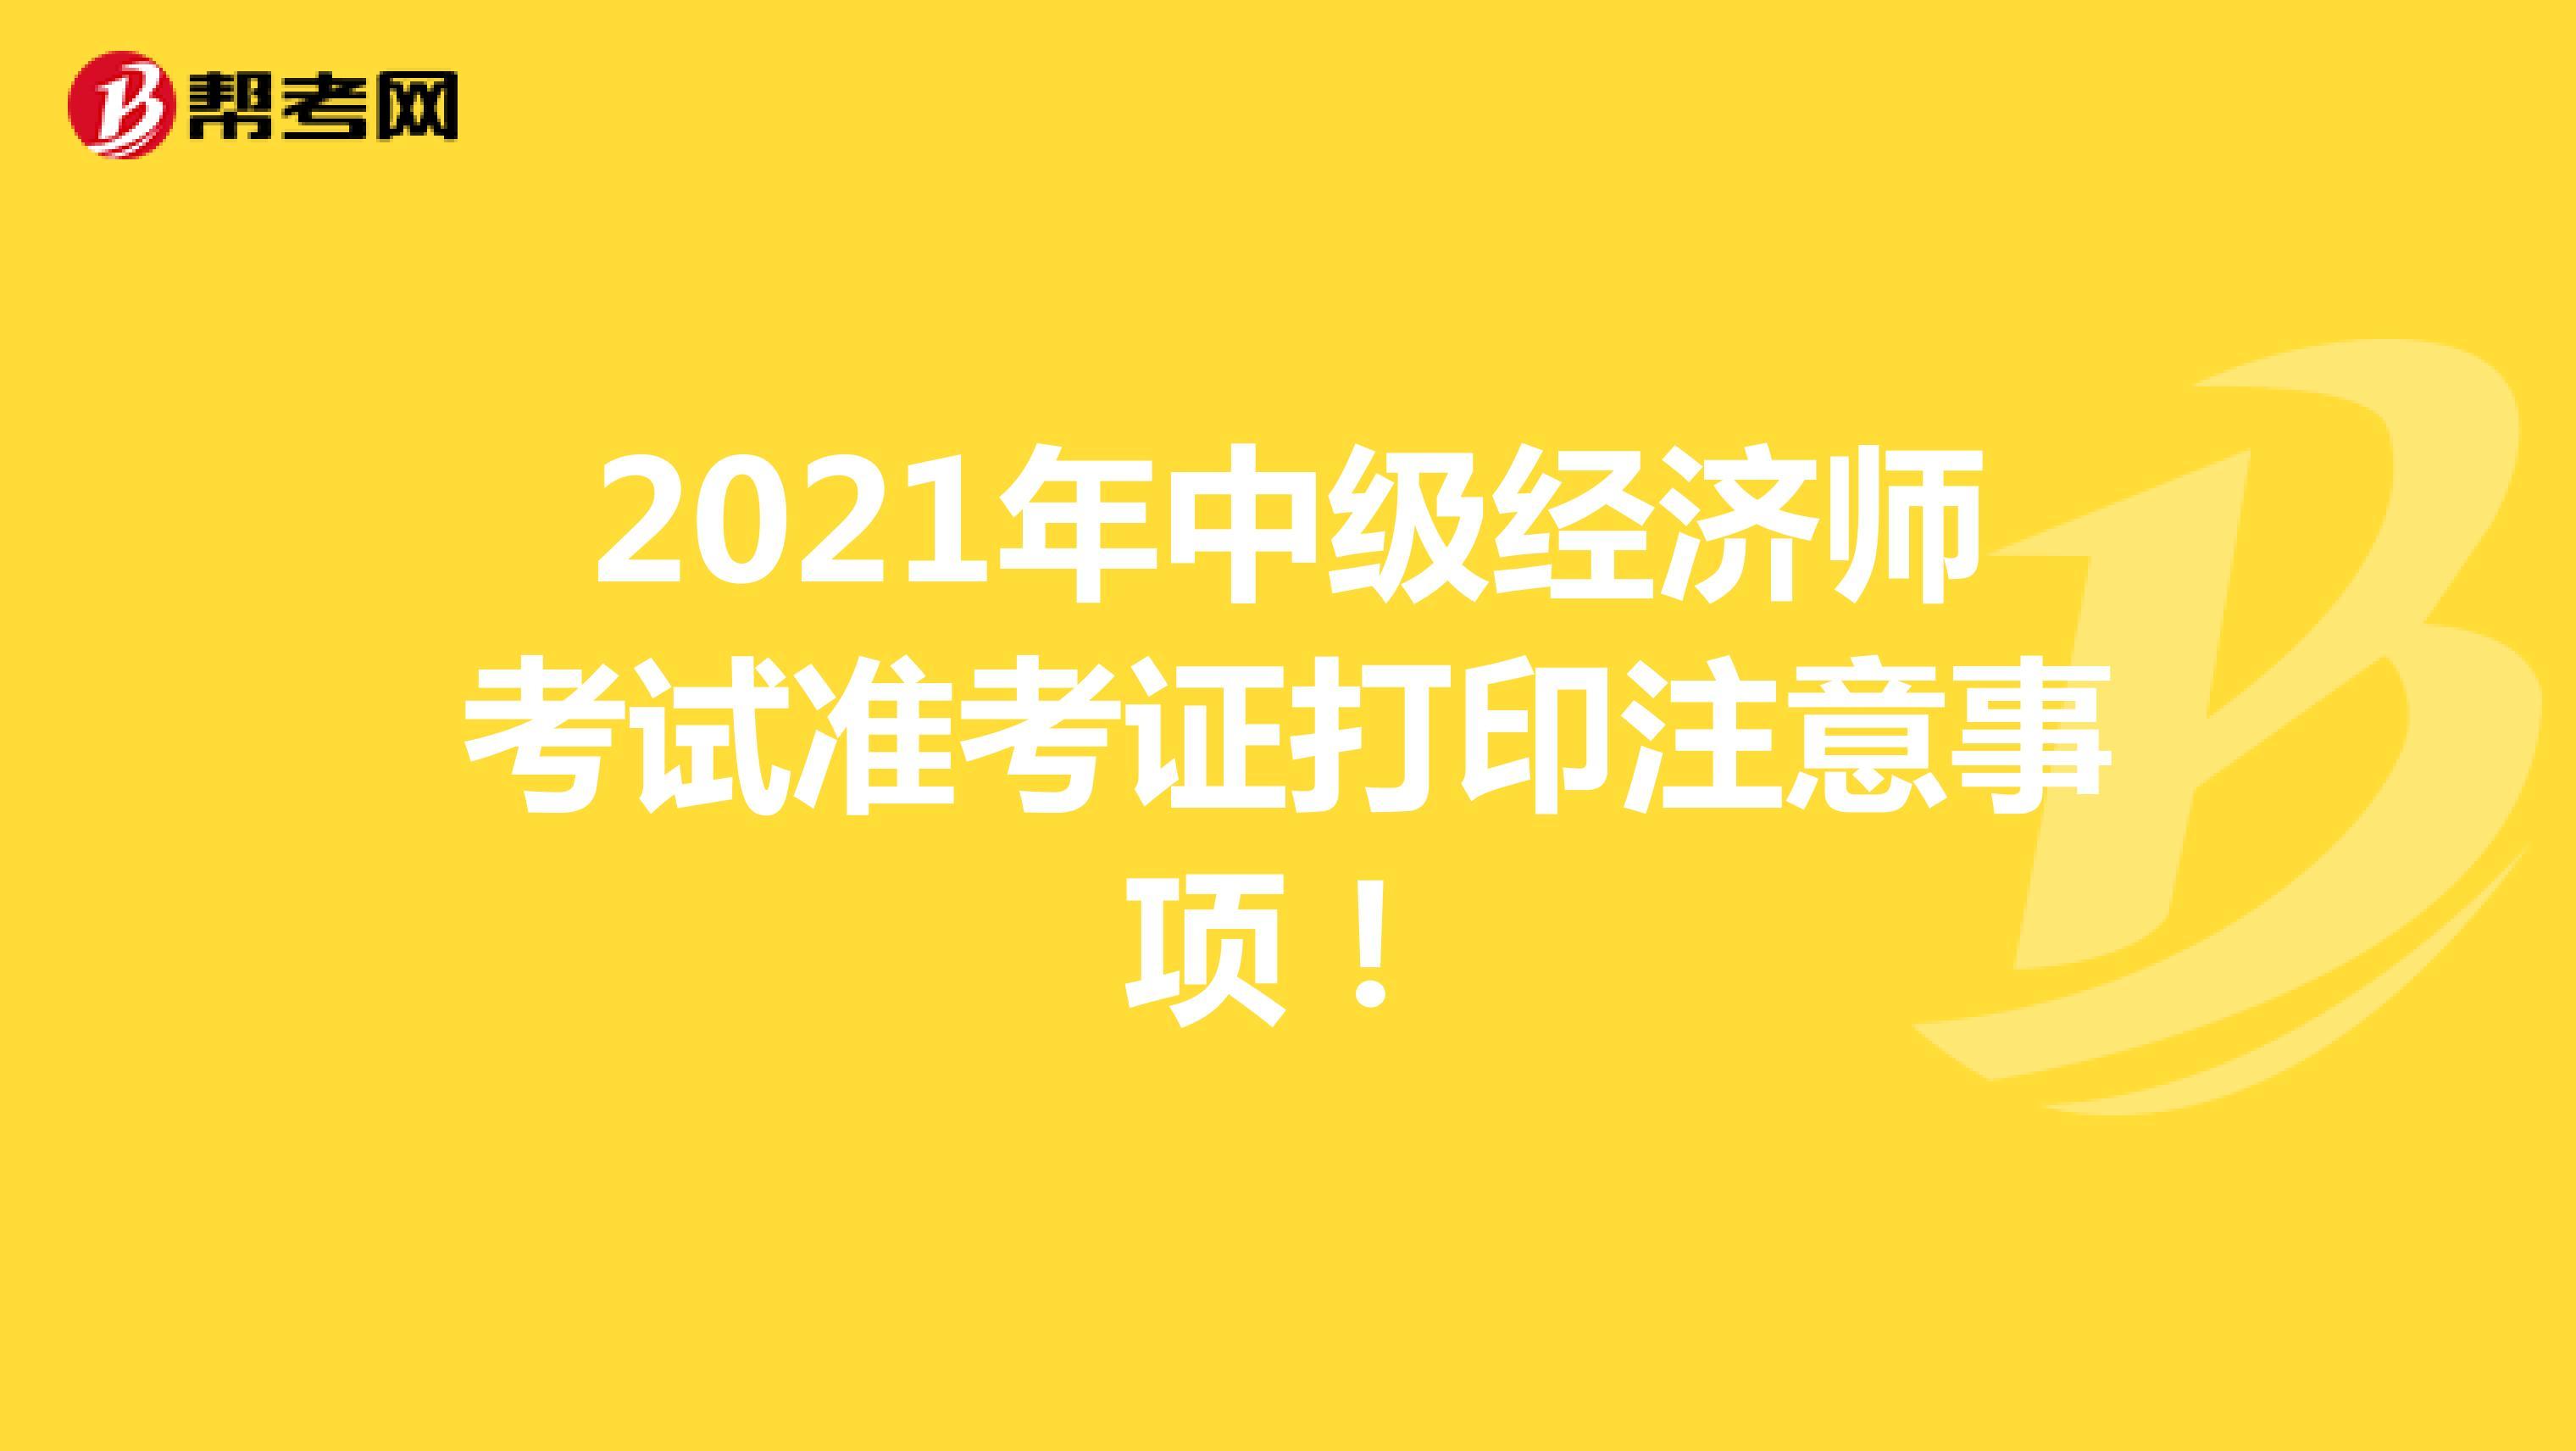 2021年中级经济师考试准考证打印注意事项!